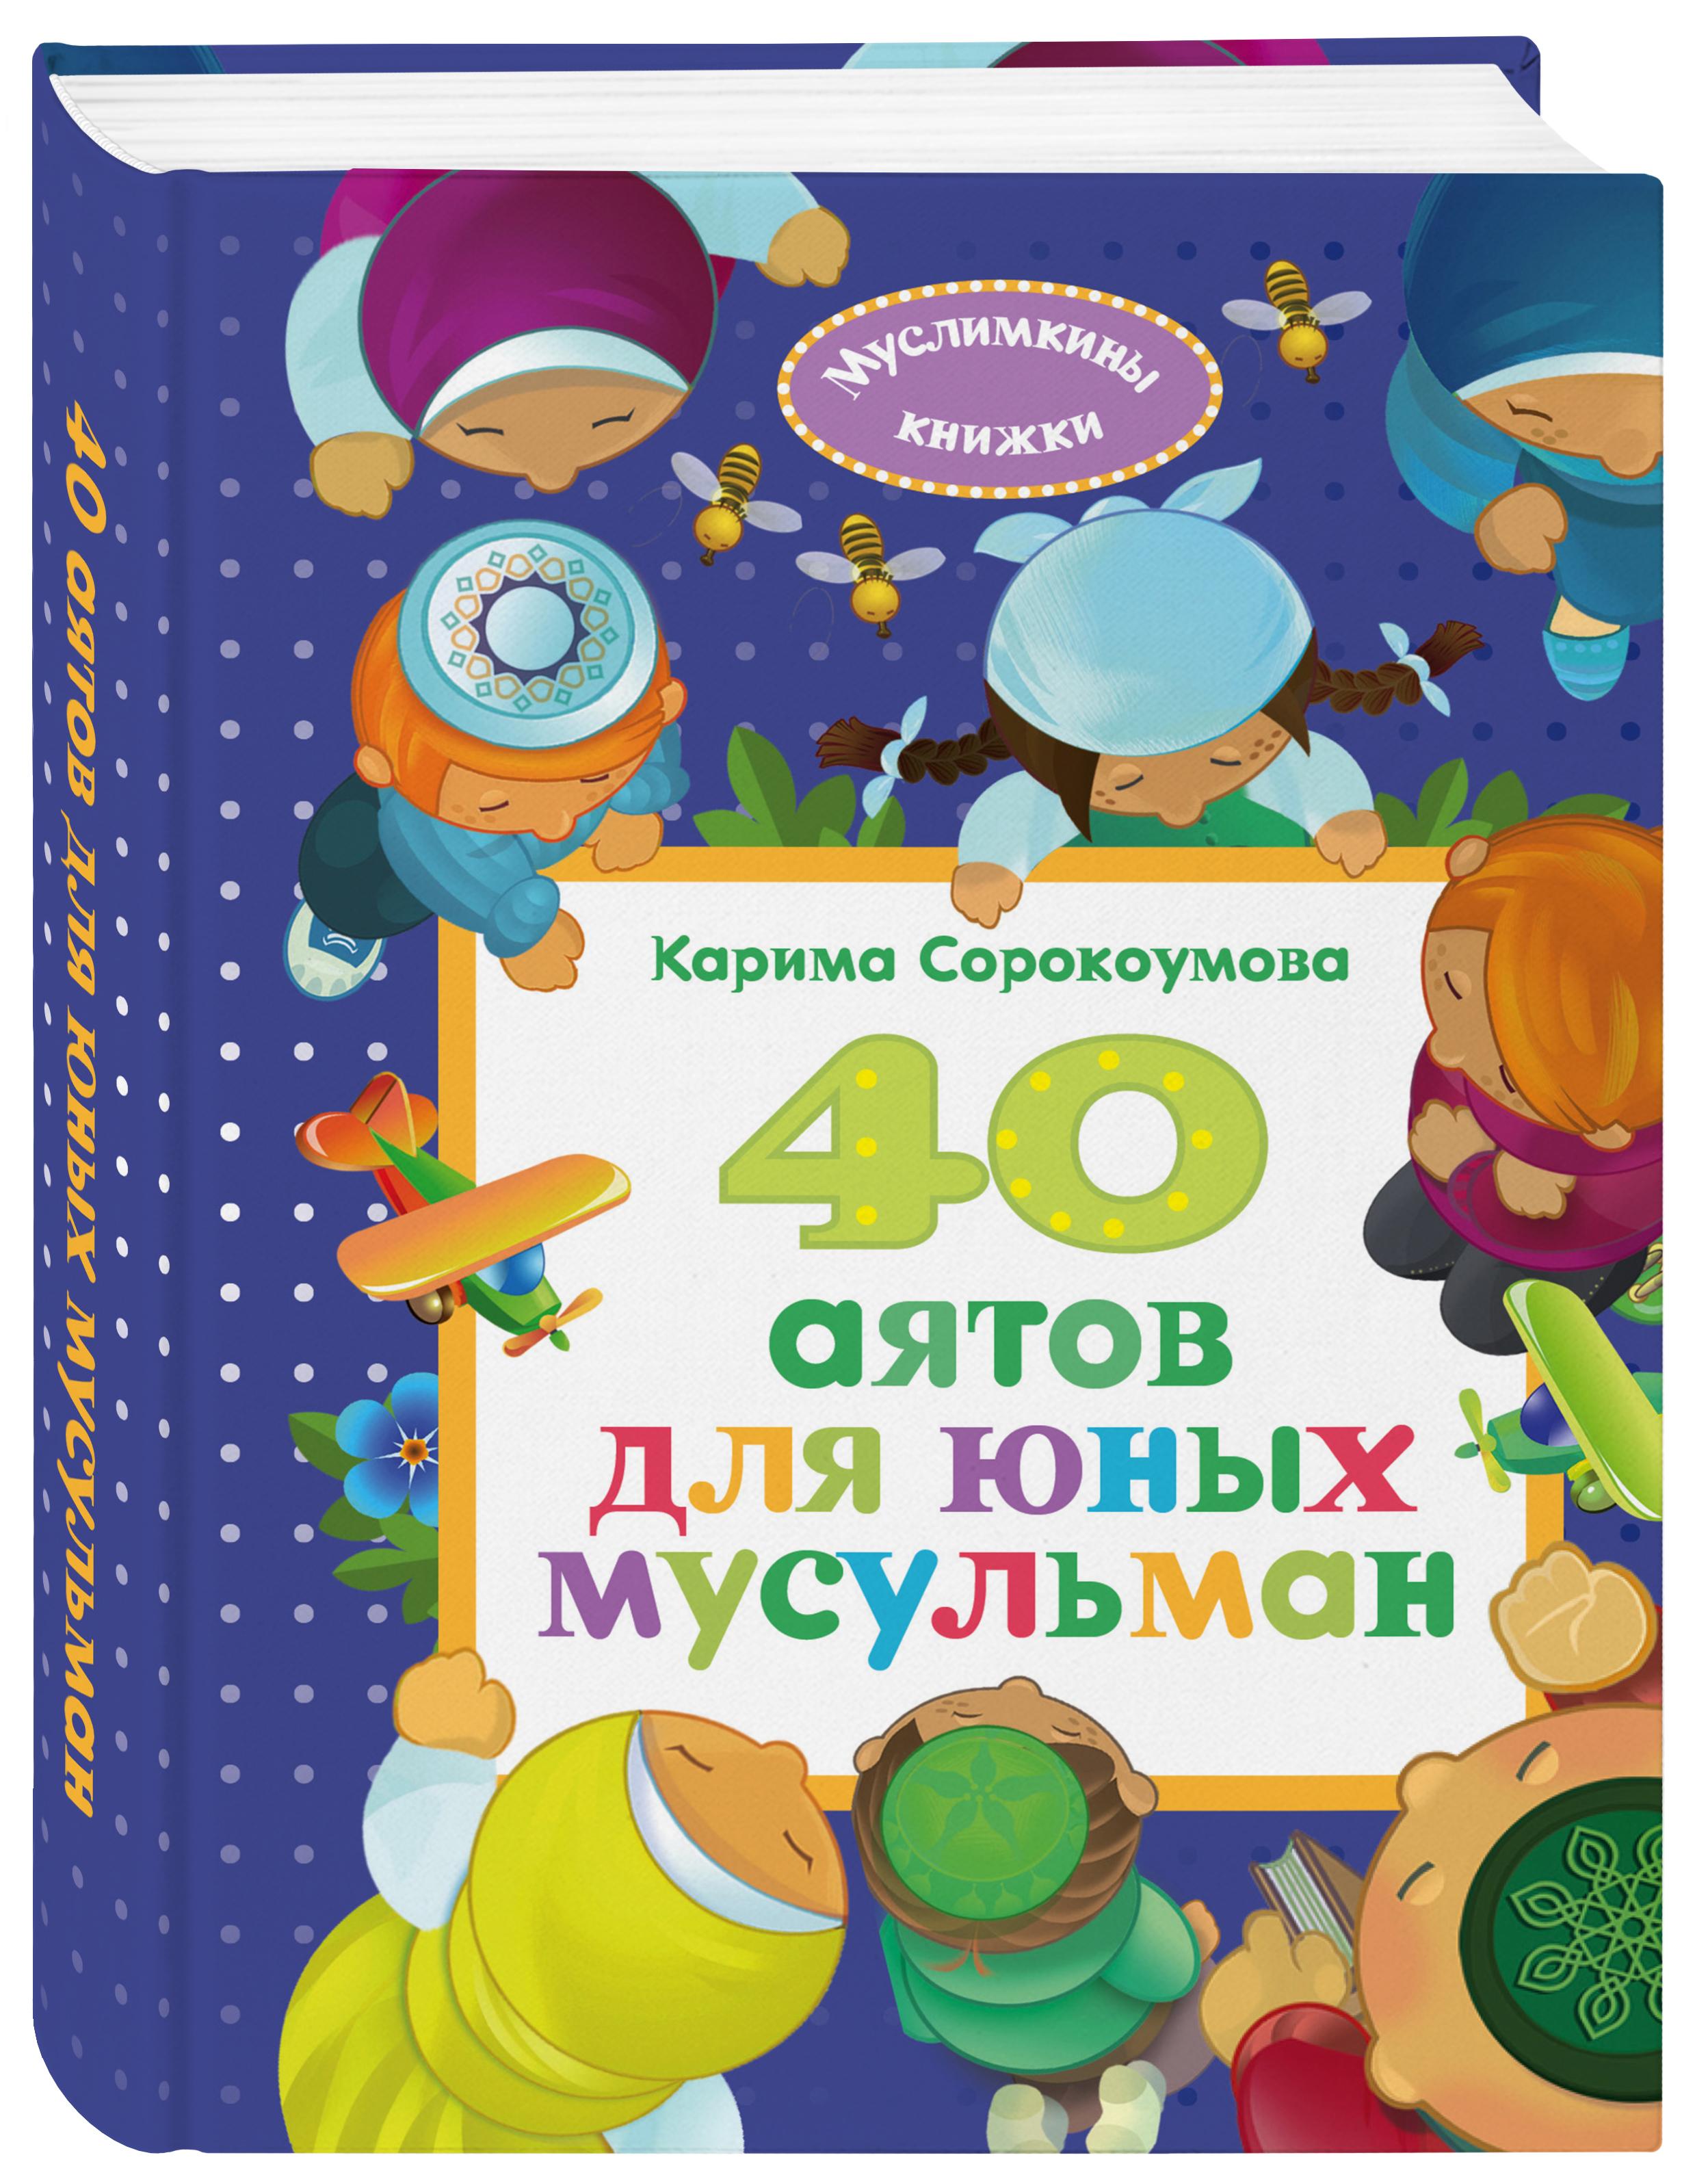 Екатерина Сорокоумова 40 аятов для юных мусульман екатерина лебедева какими качествами должен обладать it специалист